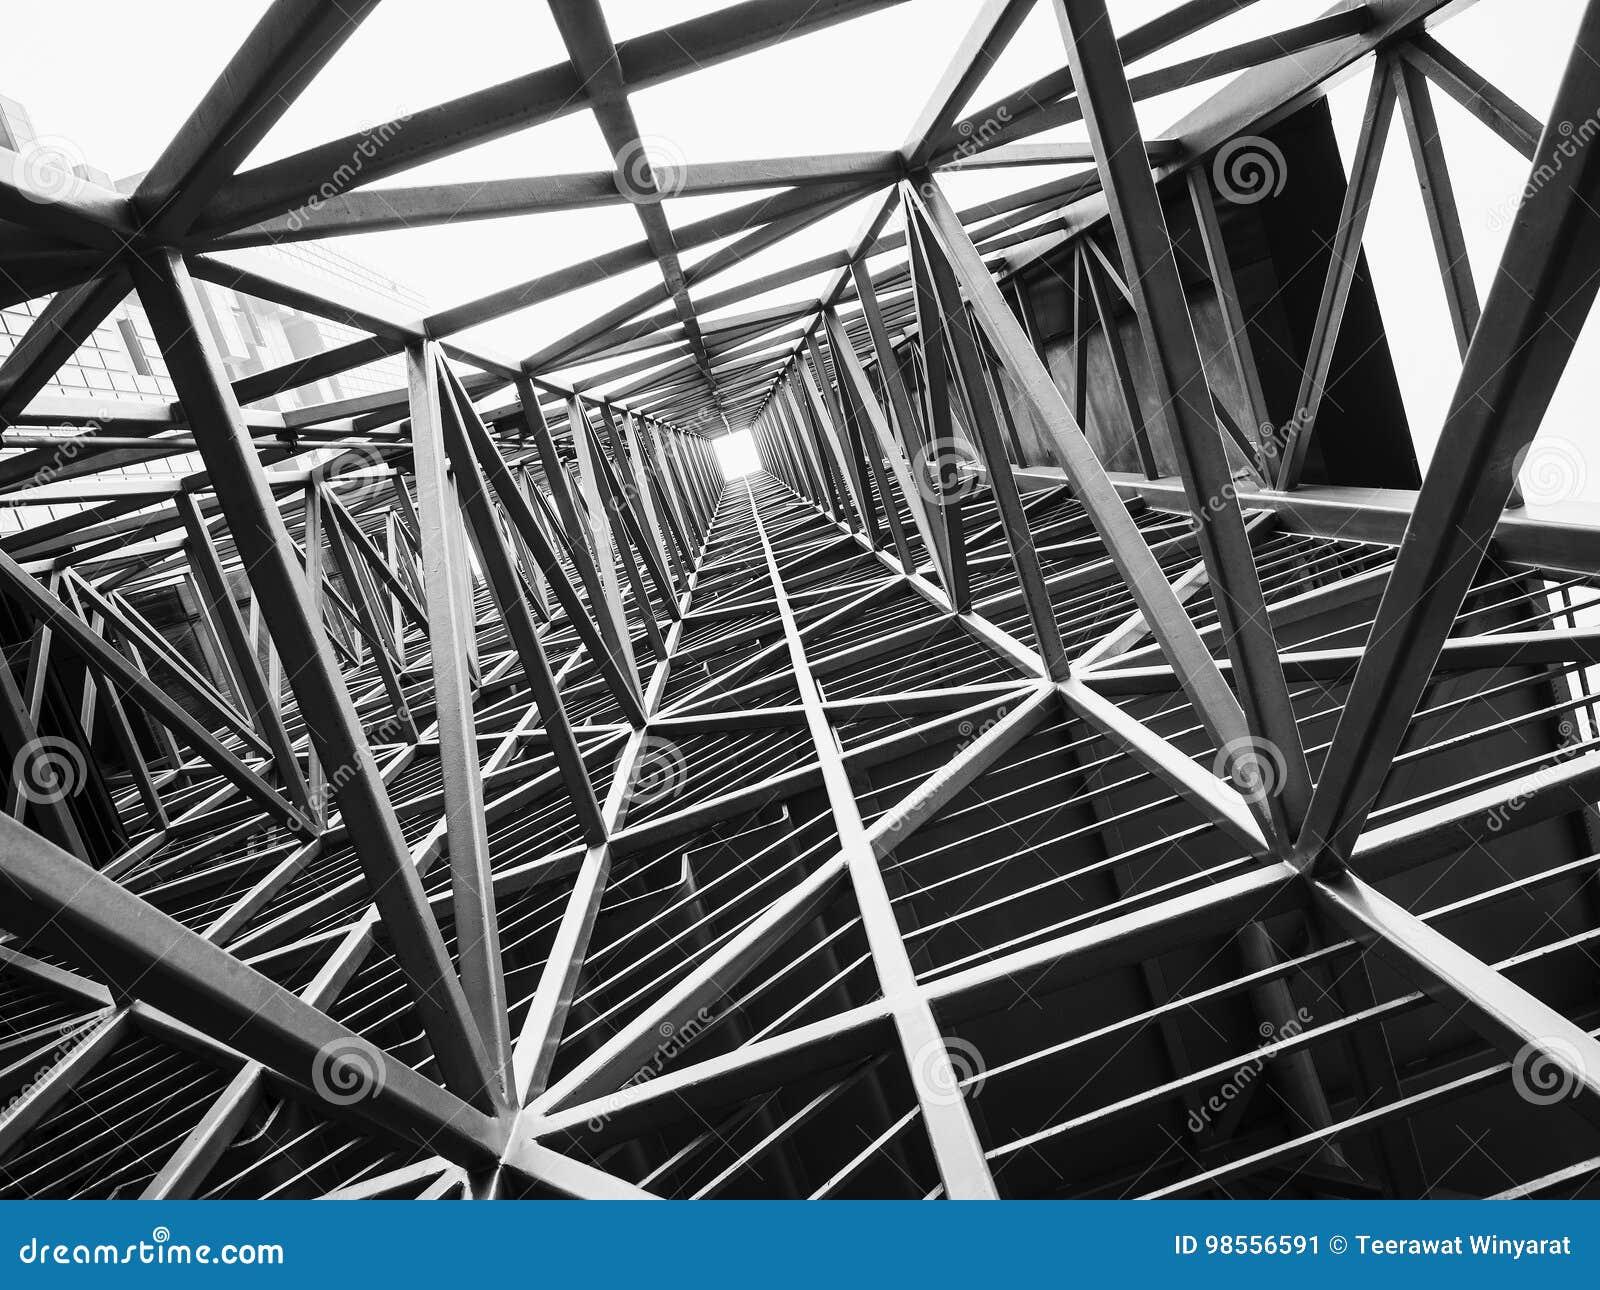 Αφηρημένο υπόβαθρο κατασκευής αρχιτεκτονικής δομών χάλυβα